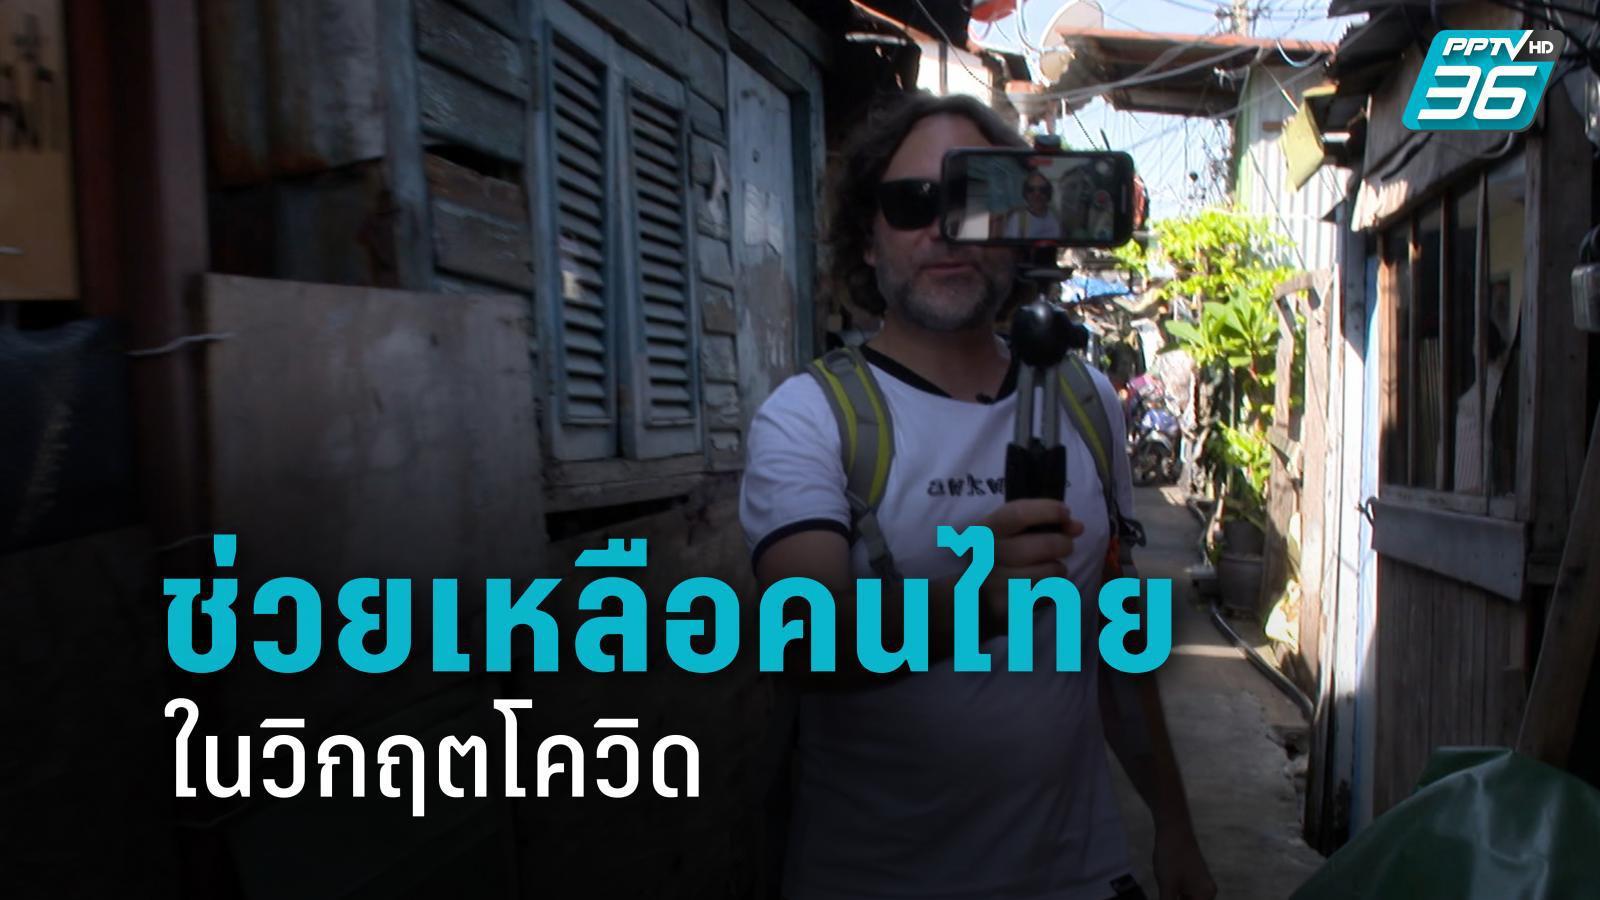 """""""ยูทูบเบอร์ต่างชาติ"""" ช่วยเหลือคนไทยในวิกฤตโควิด-19"""